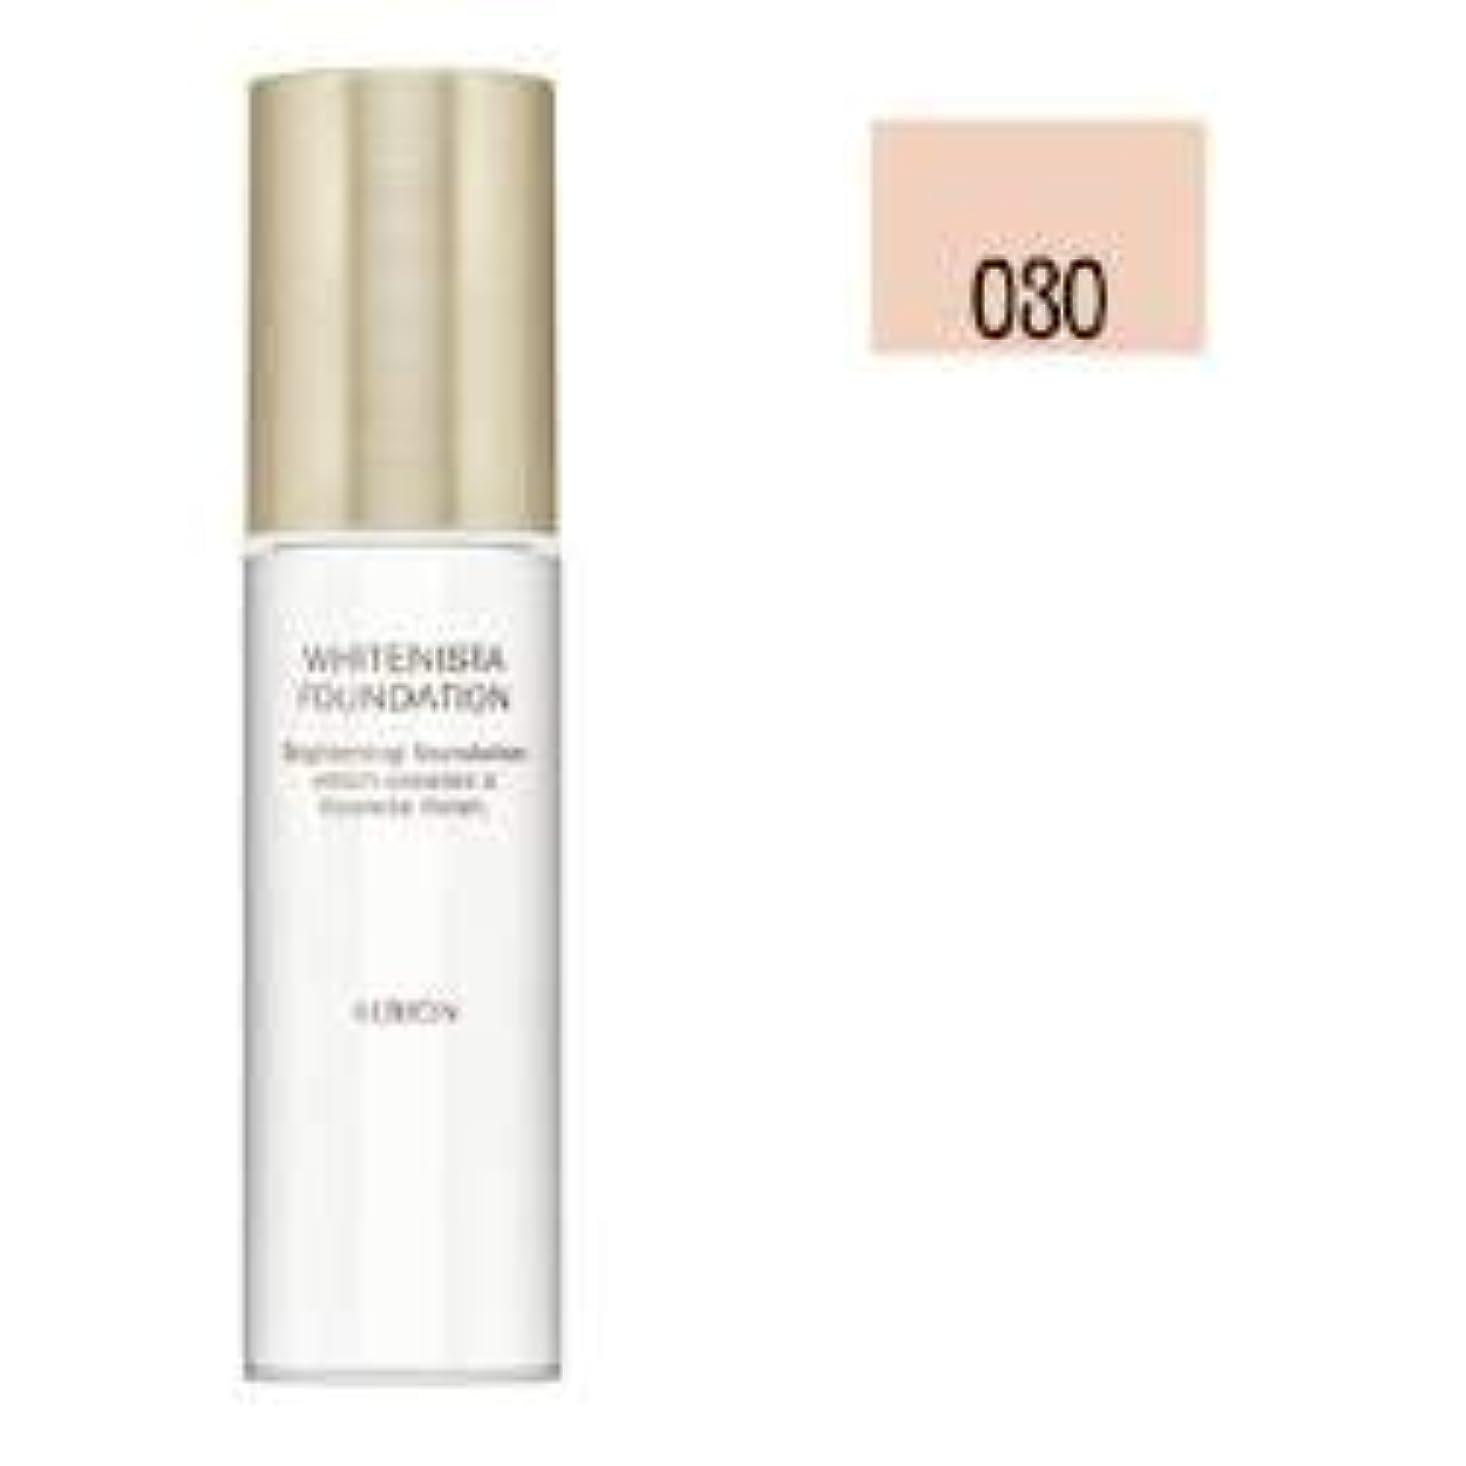 剃る胸マイコンアルビオン ホワイトニスタ ファンデーション 030(SPF30?PA++)[医薬部外品](30ml)